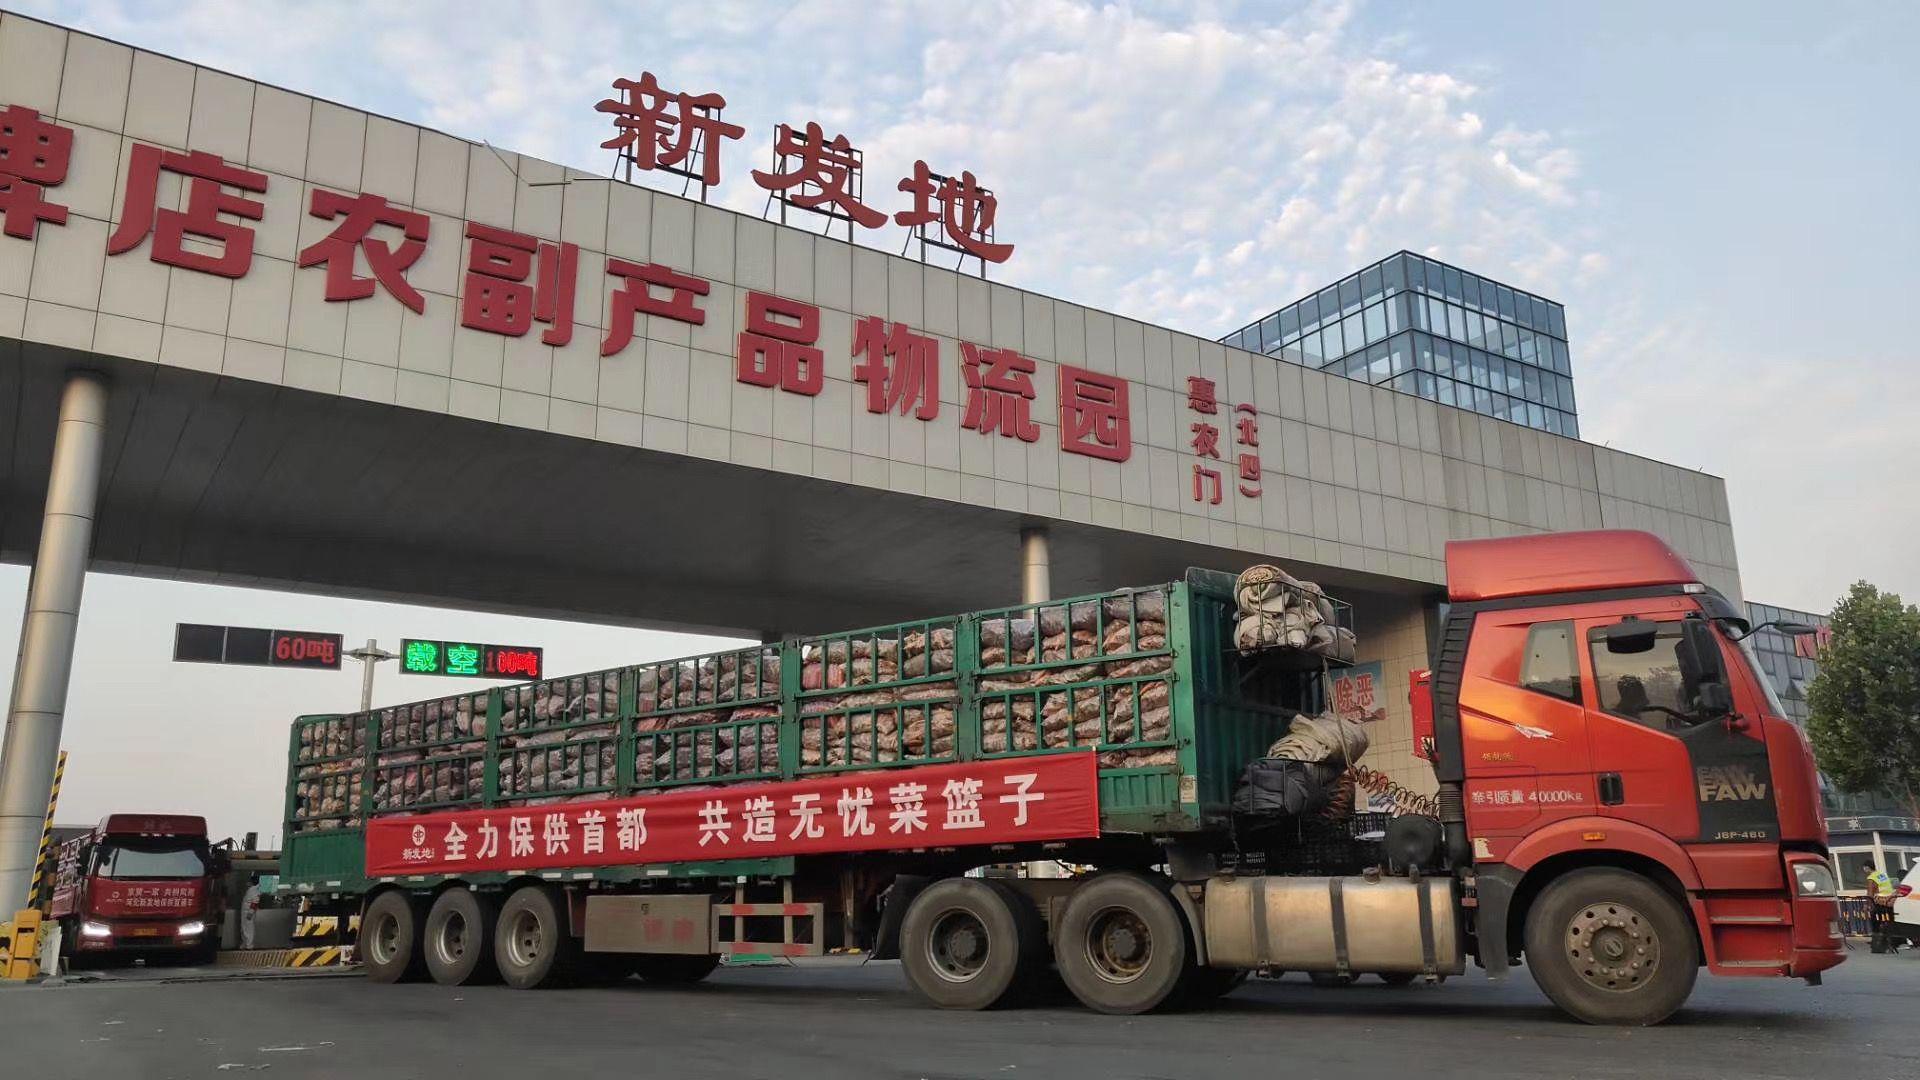 「摩天代理」批保供蔬菜摩天代理150吨图片